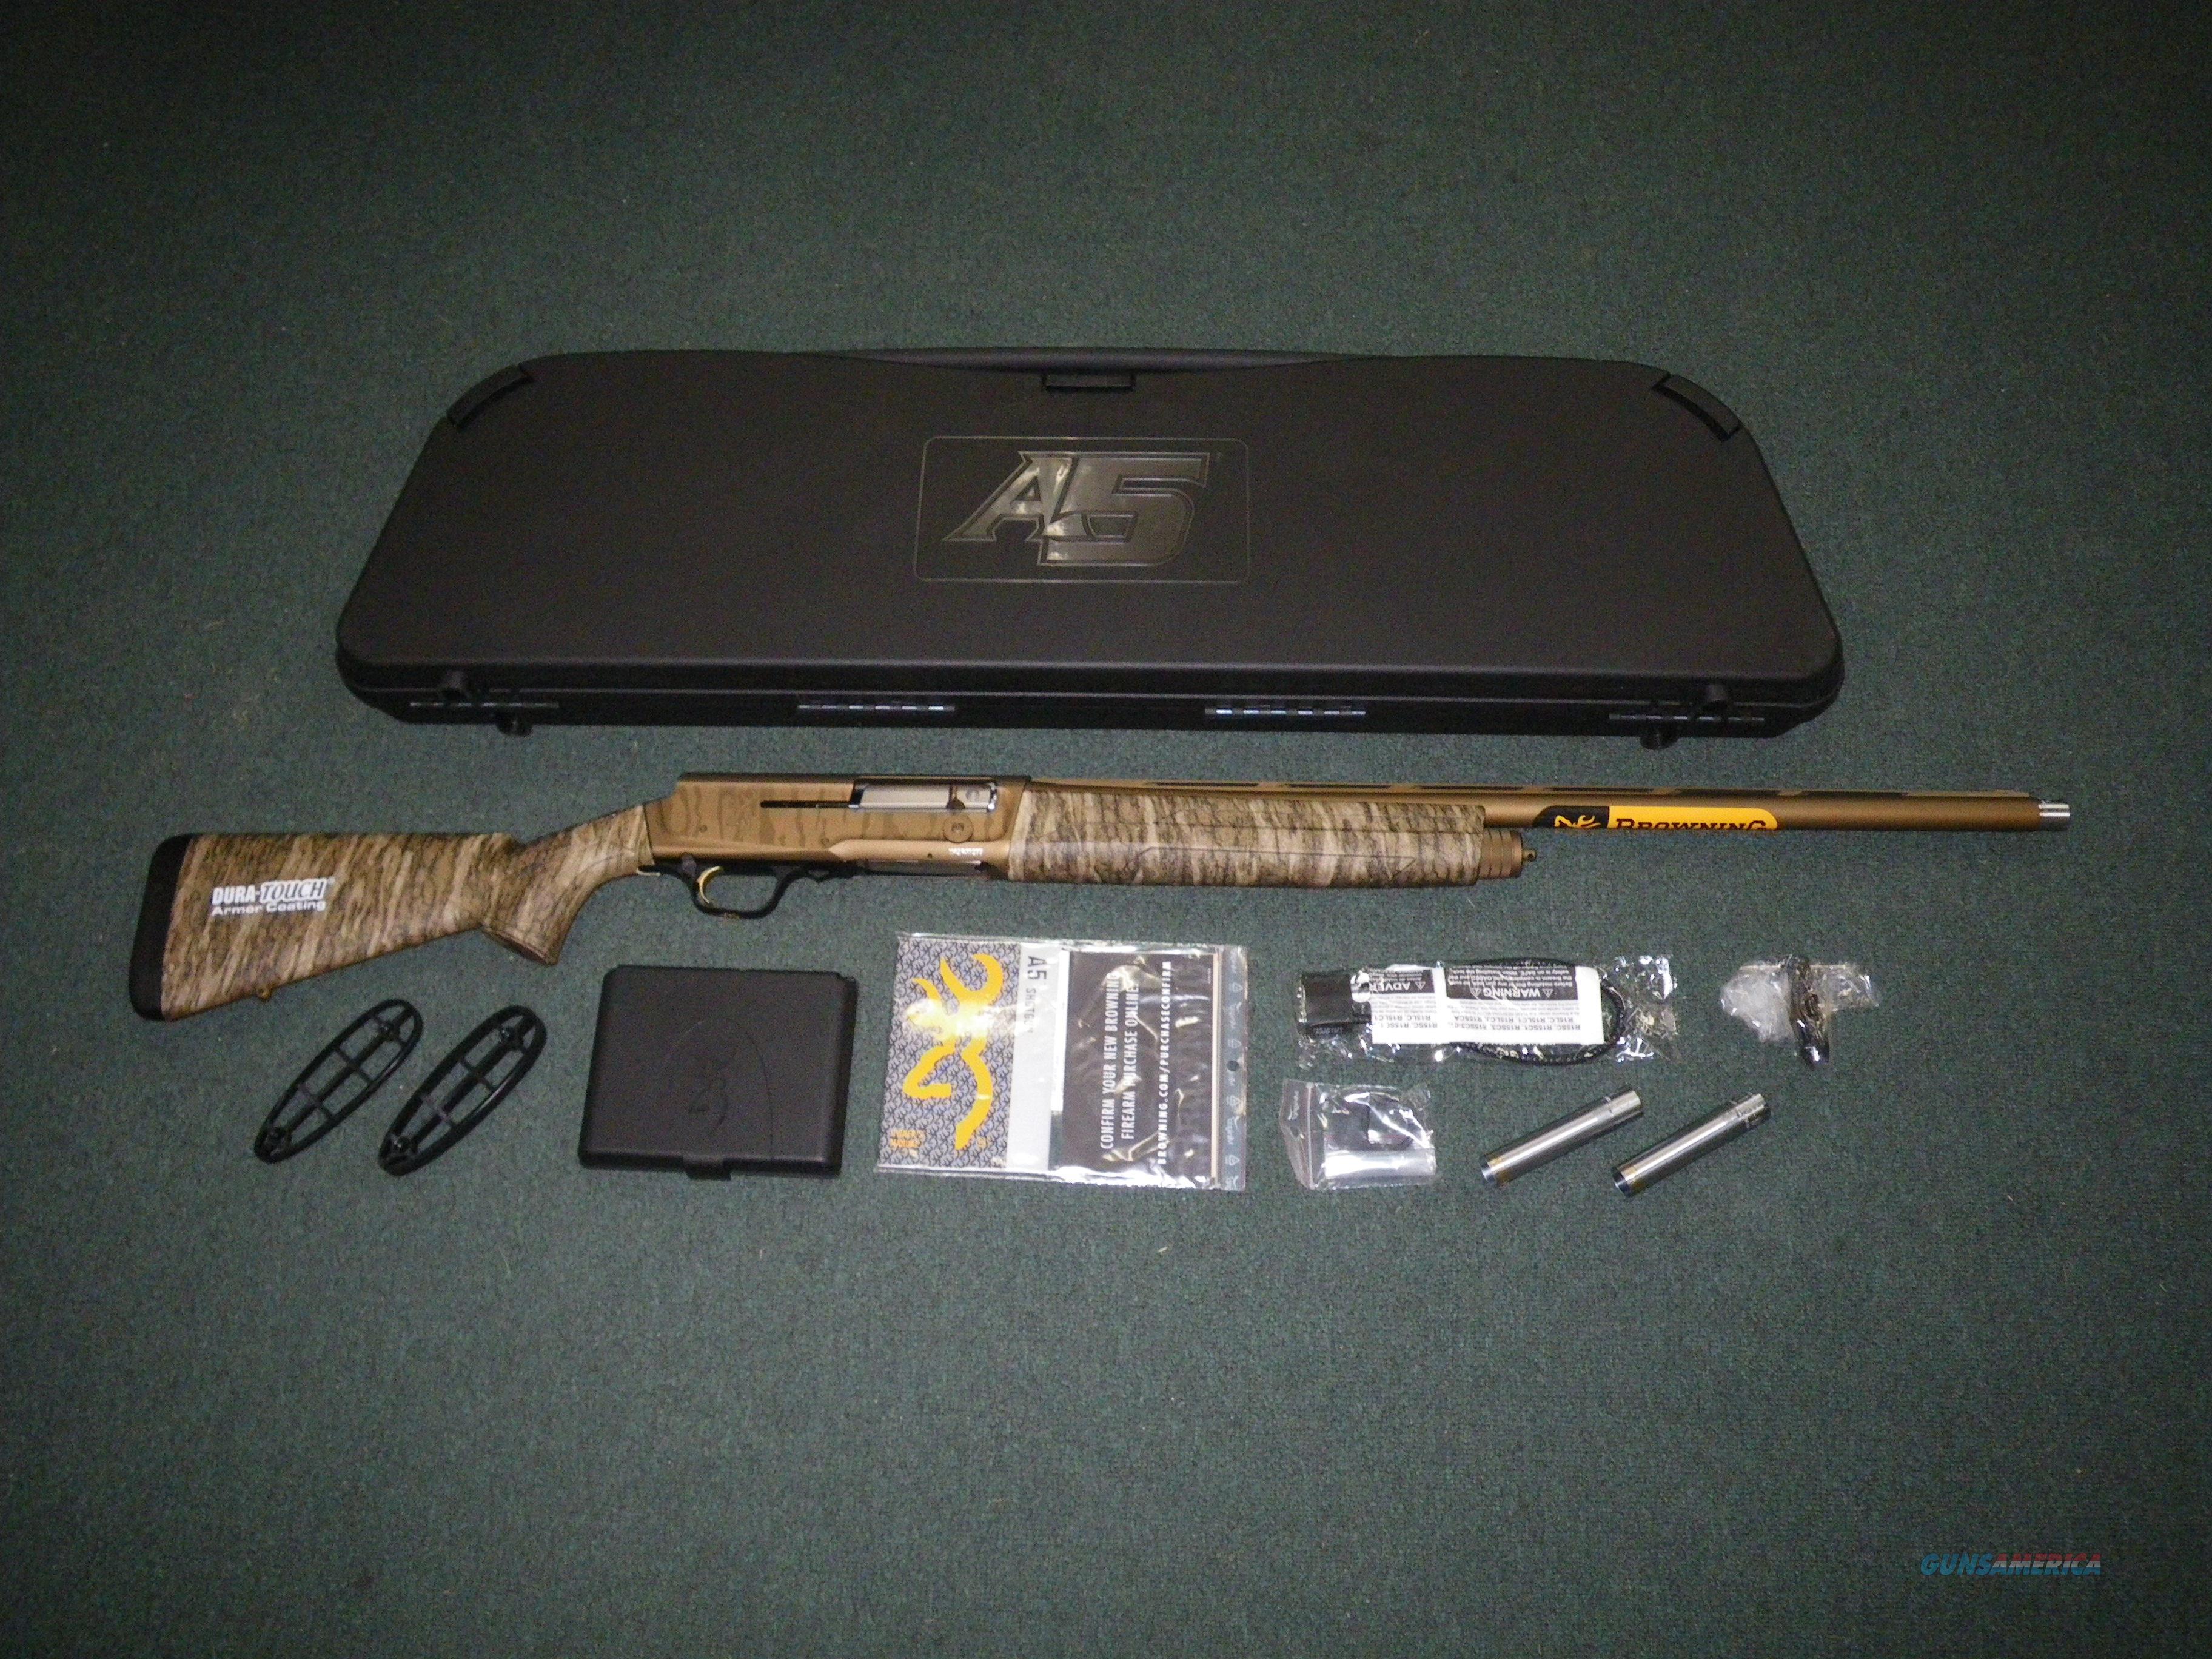 """Browning A5 Wicked Wing MOBL 12ga 26"""" NEW 3.5"""" 0118472005  Guns > Shotguns > Browning Shotguns > Autoloaders > Hunting"""